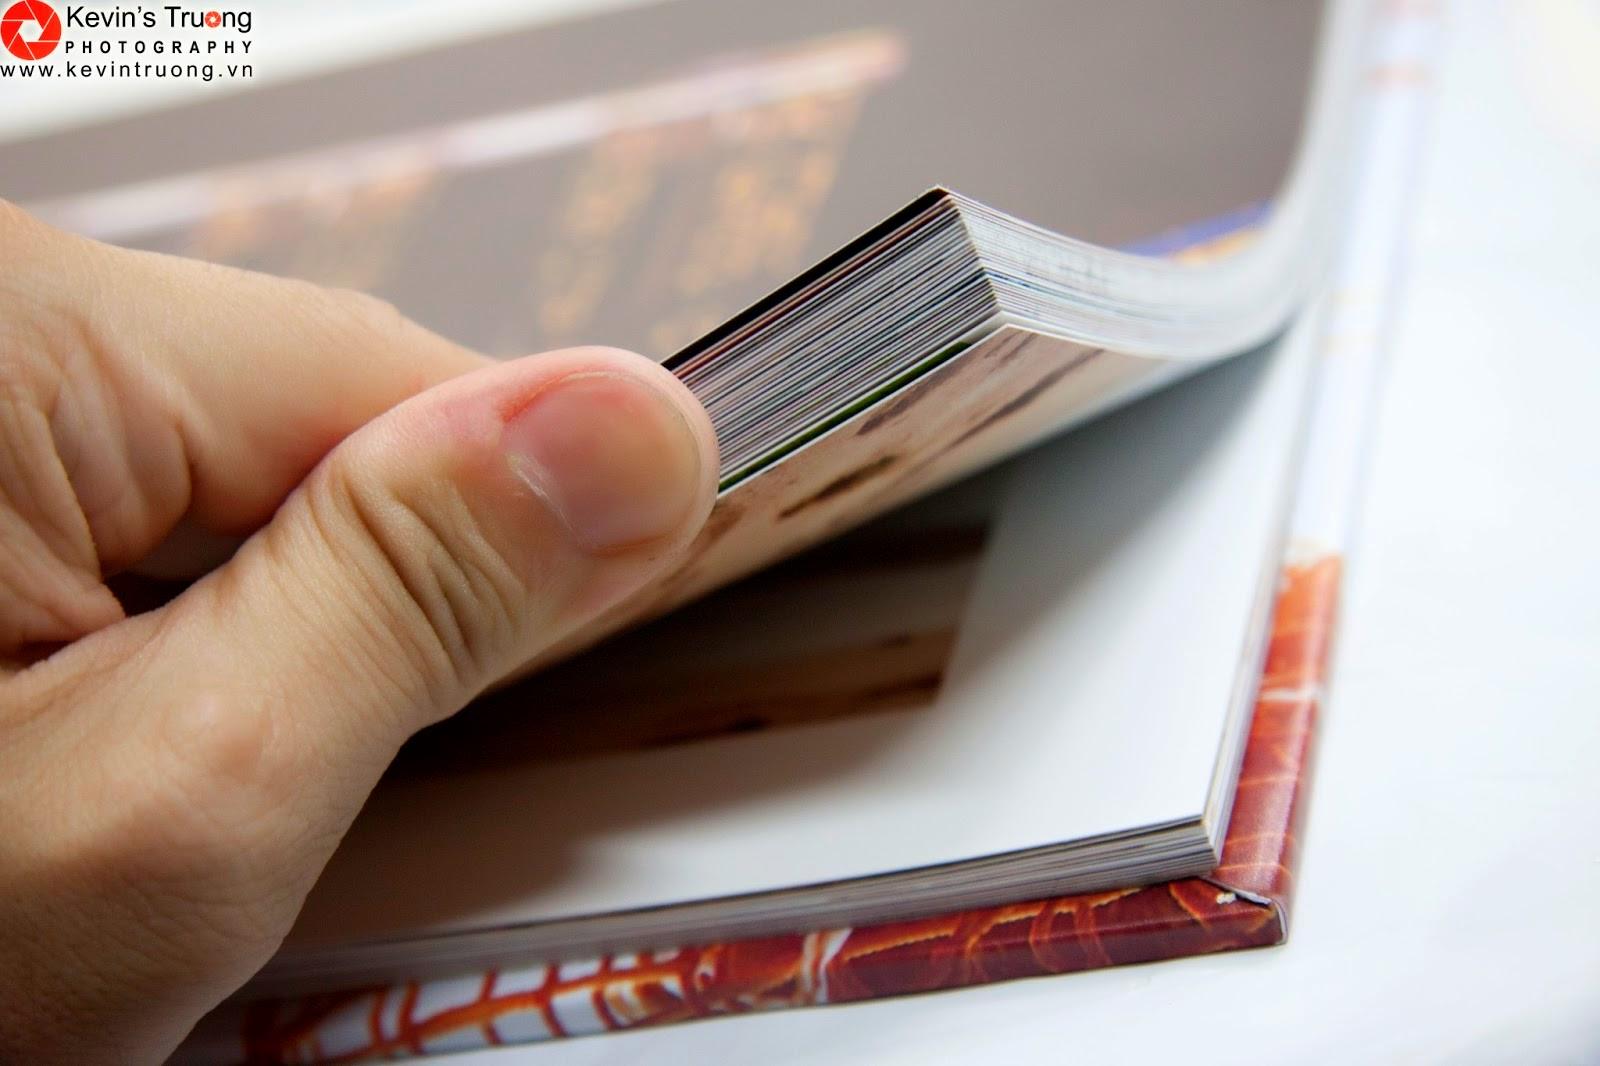 Gia Công-In Album Cát Kim Tuyến-Album 3D,Photobook,Ép gỗ các loại - 22